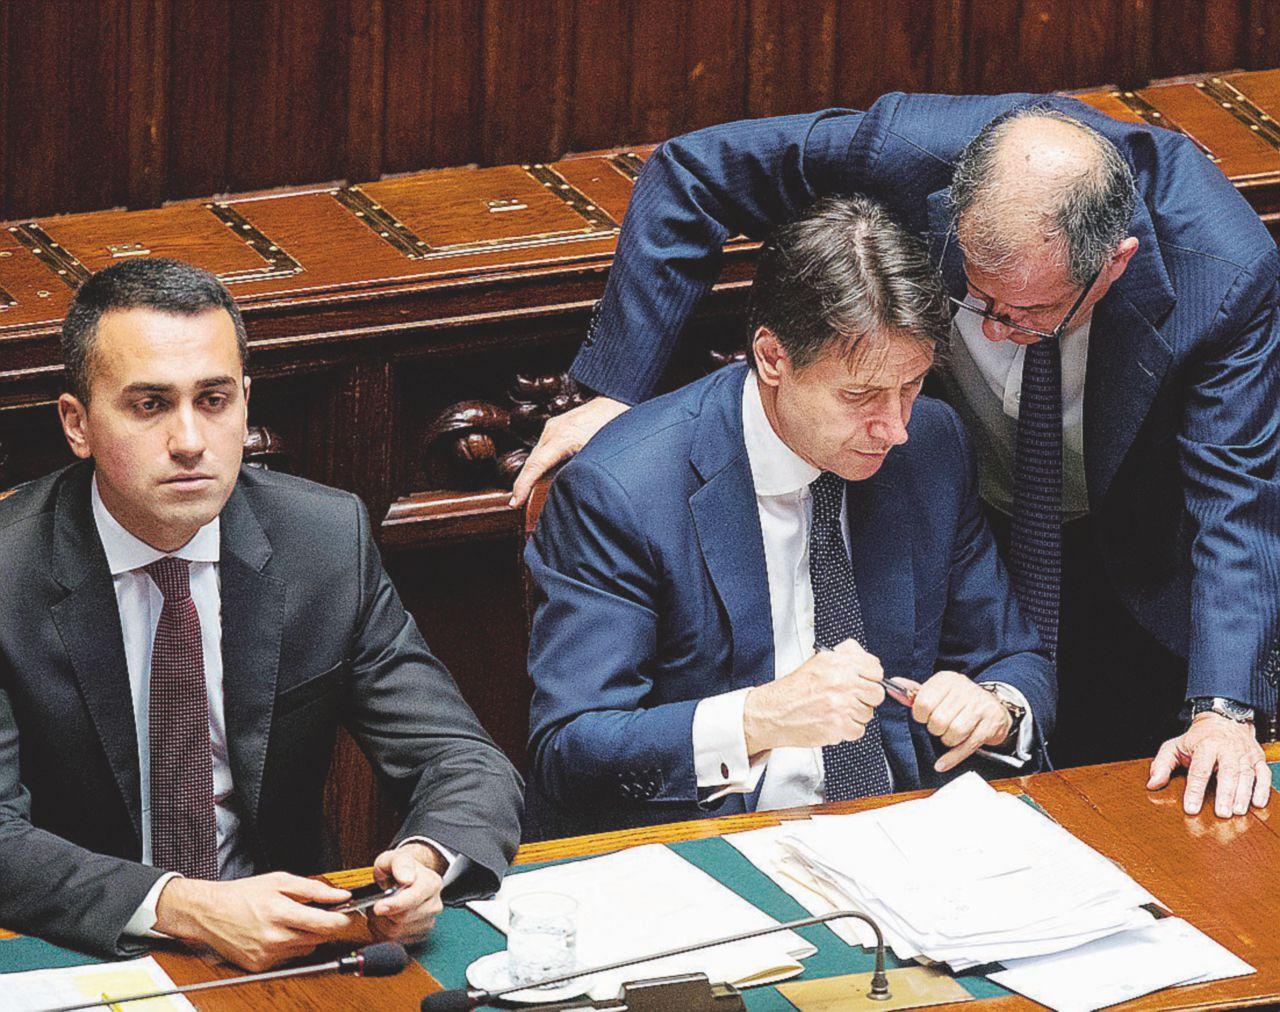 Manovra, Di Maio: reddito cittadinanza sarà solo per italiani -2